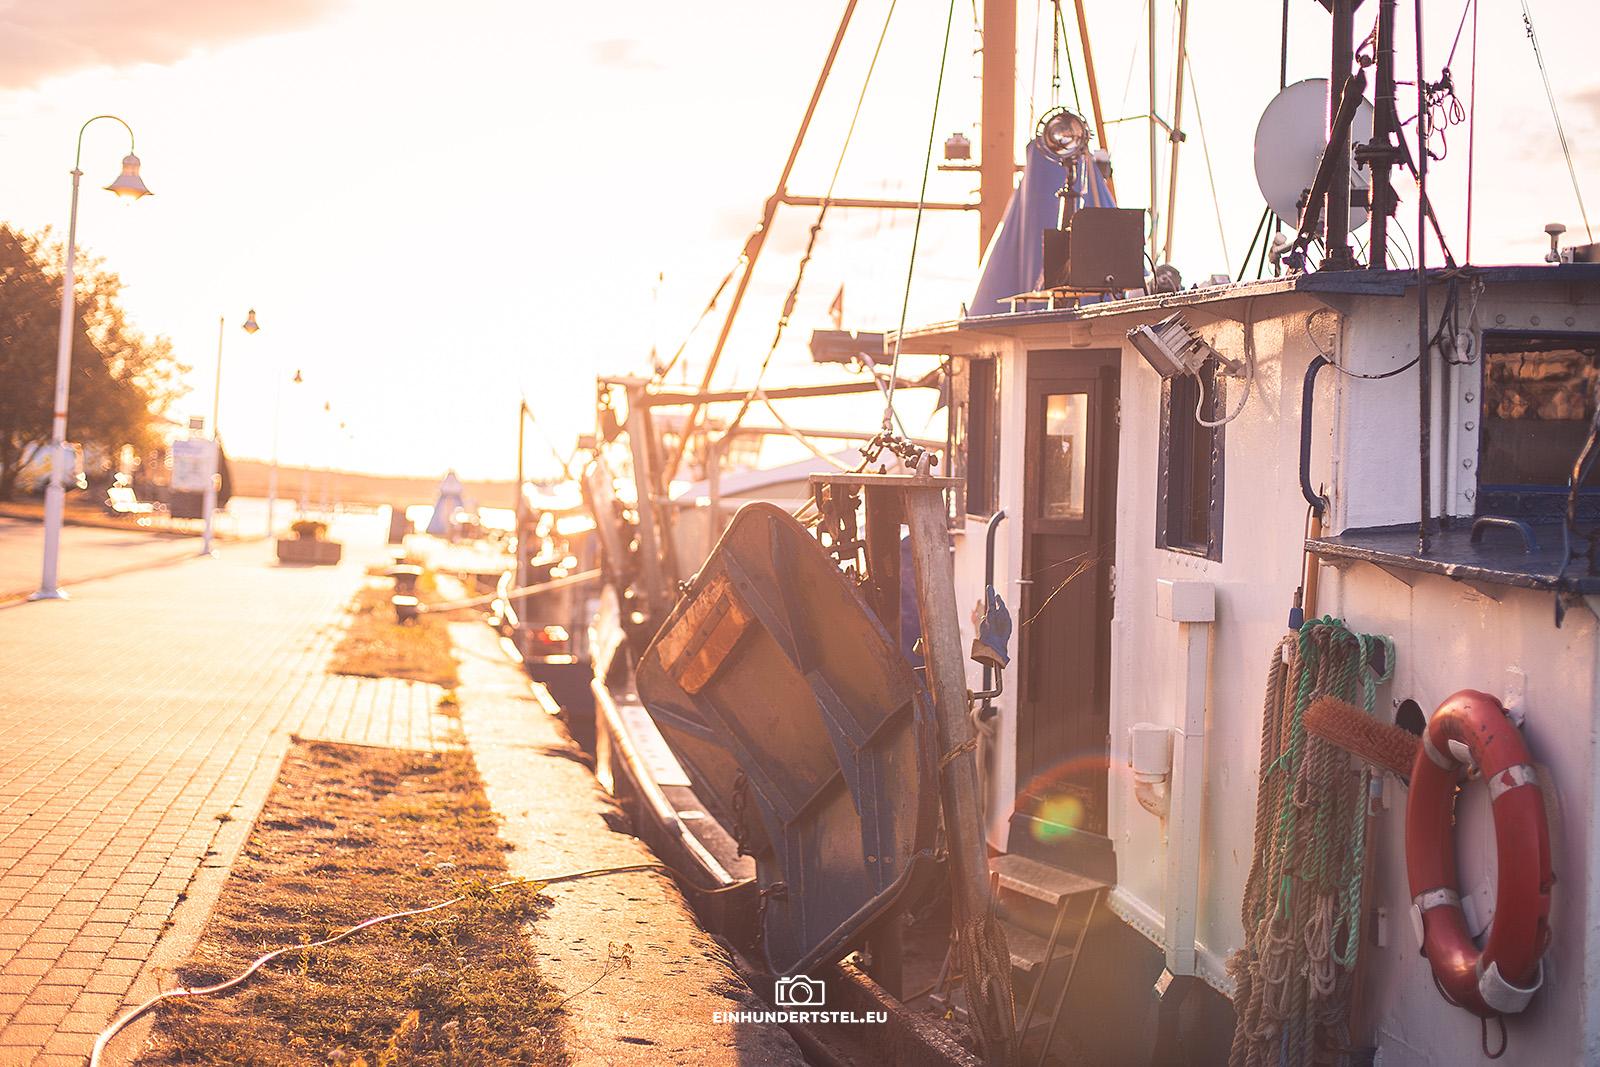 Hafen in der Nähe von Karlshagen. Boot im Sonnenuntergang